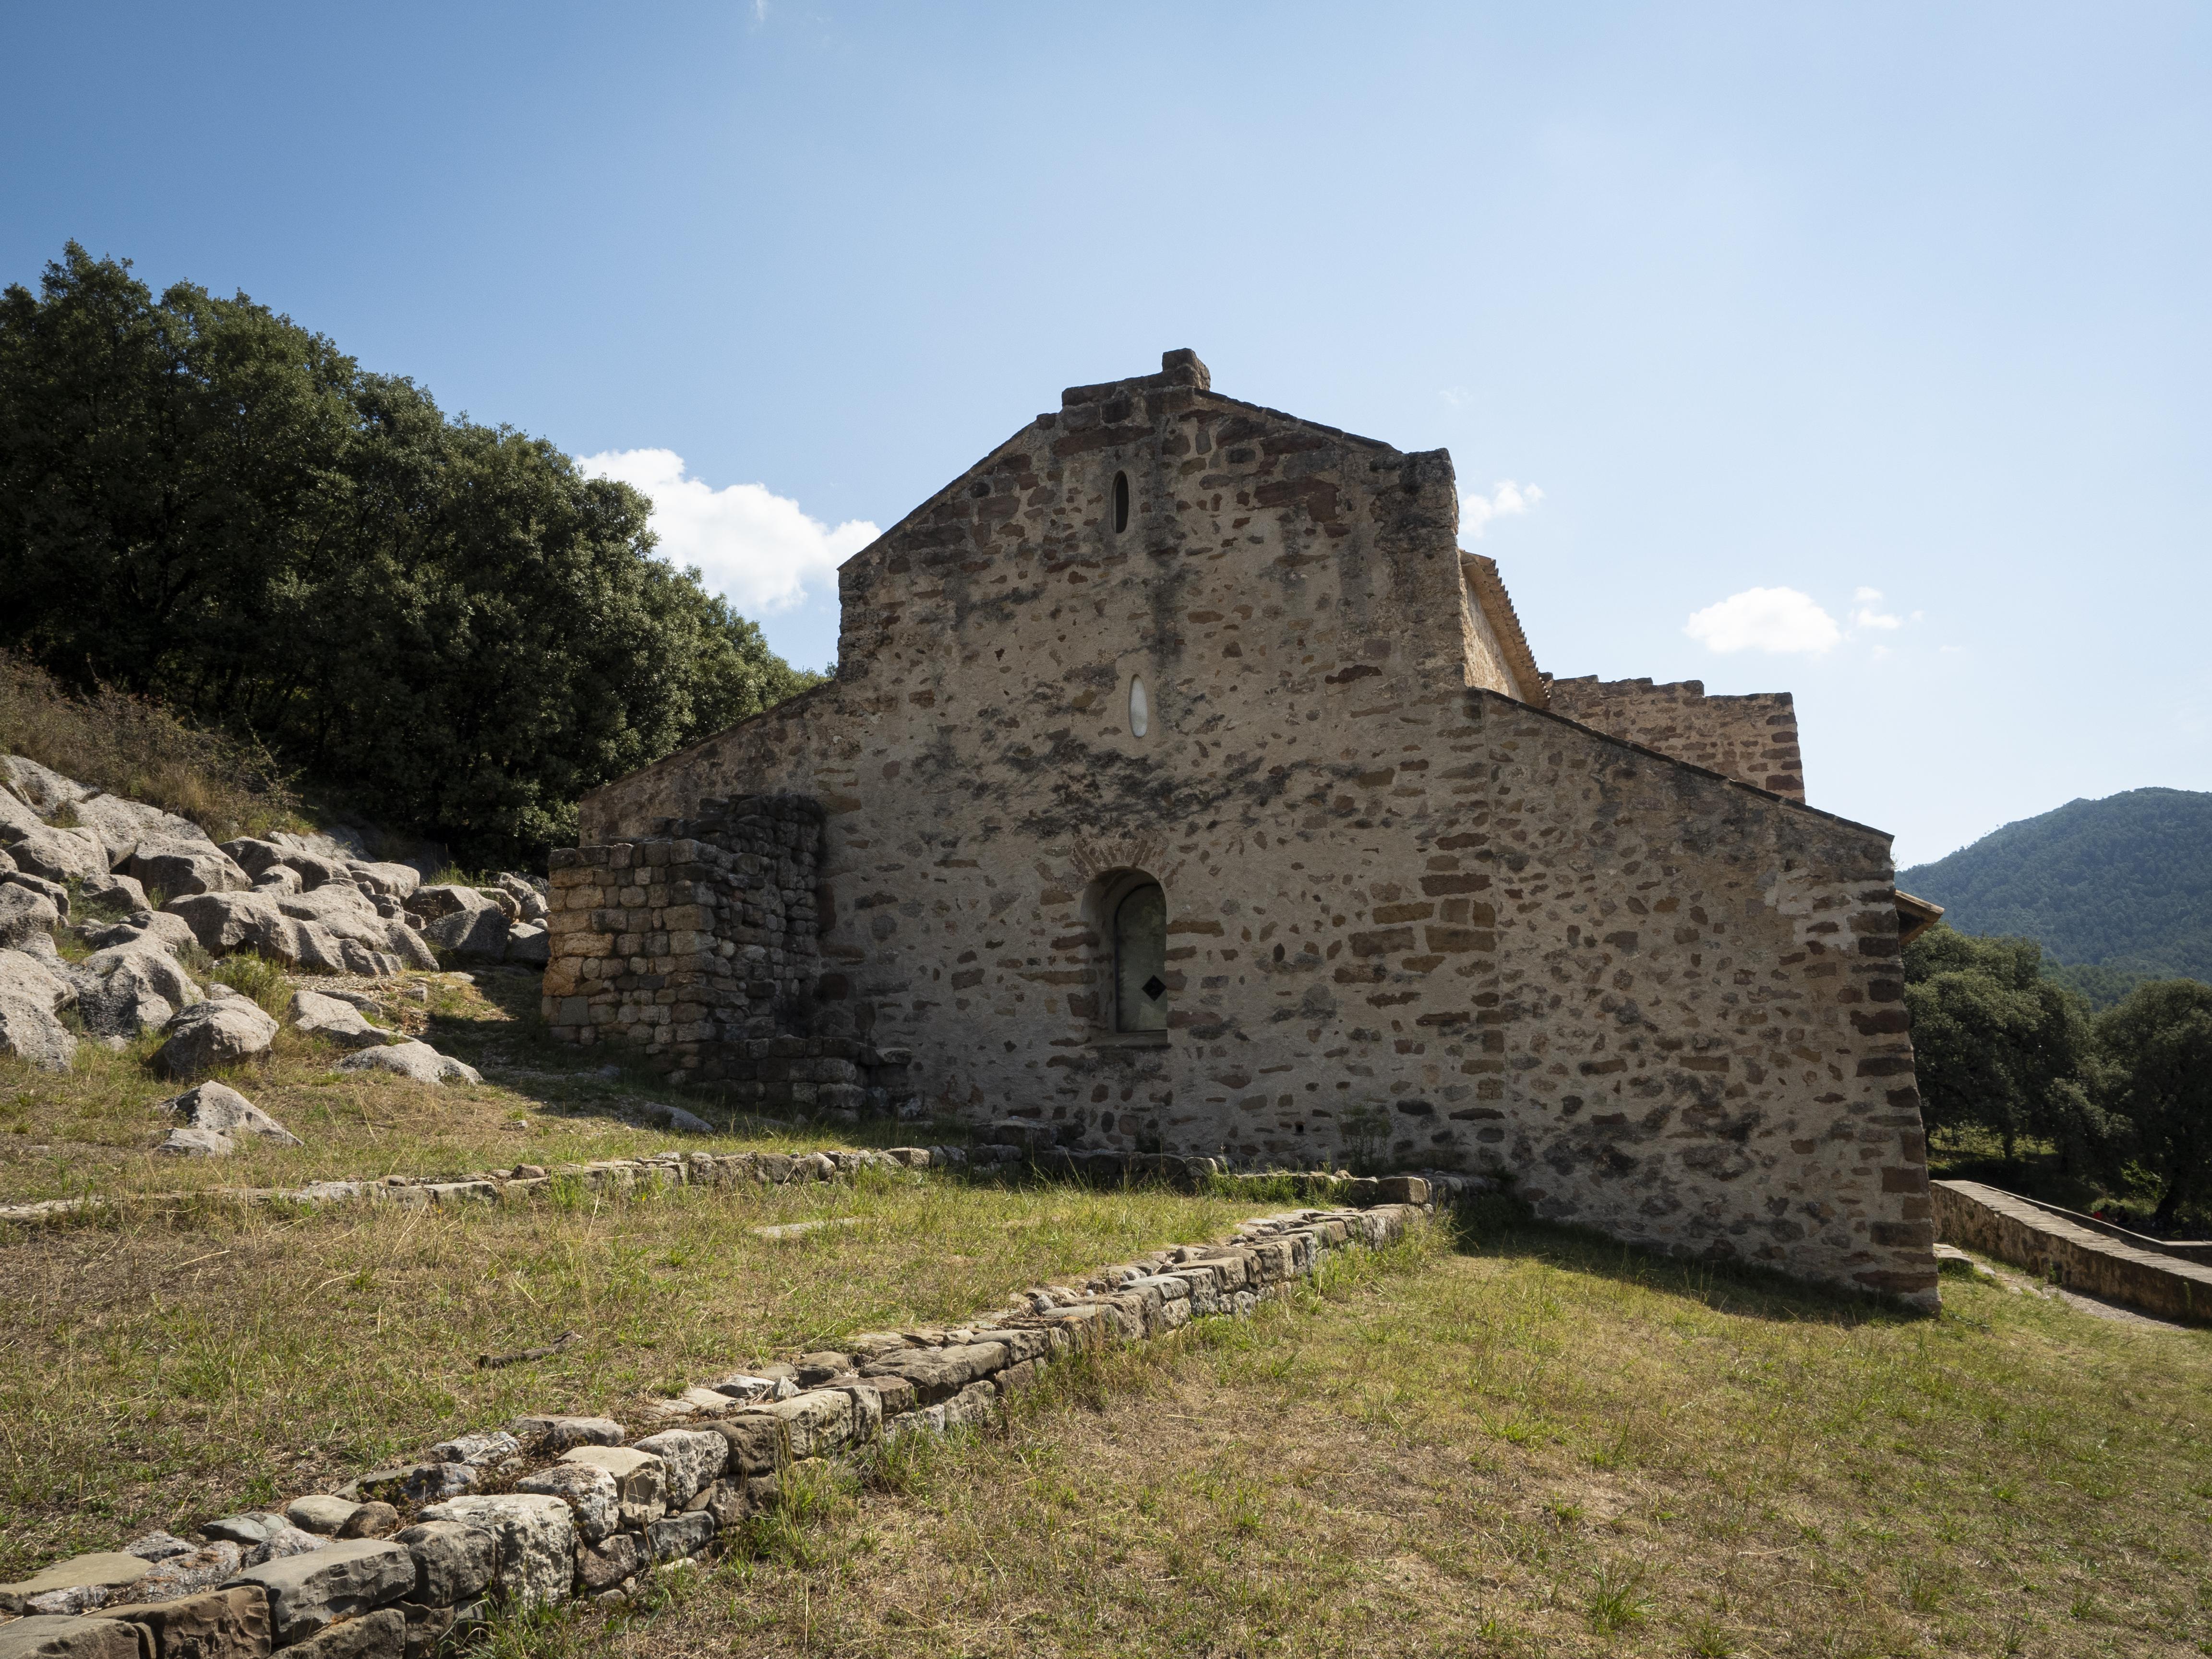 Exterior de l'església de Sant Quirze de Pedret. FOTO: Anna E. Puig